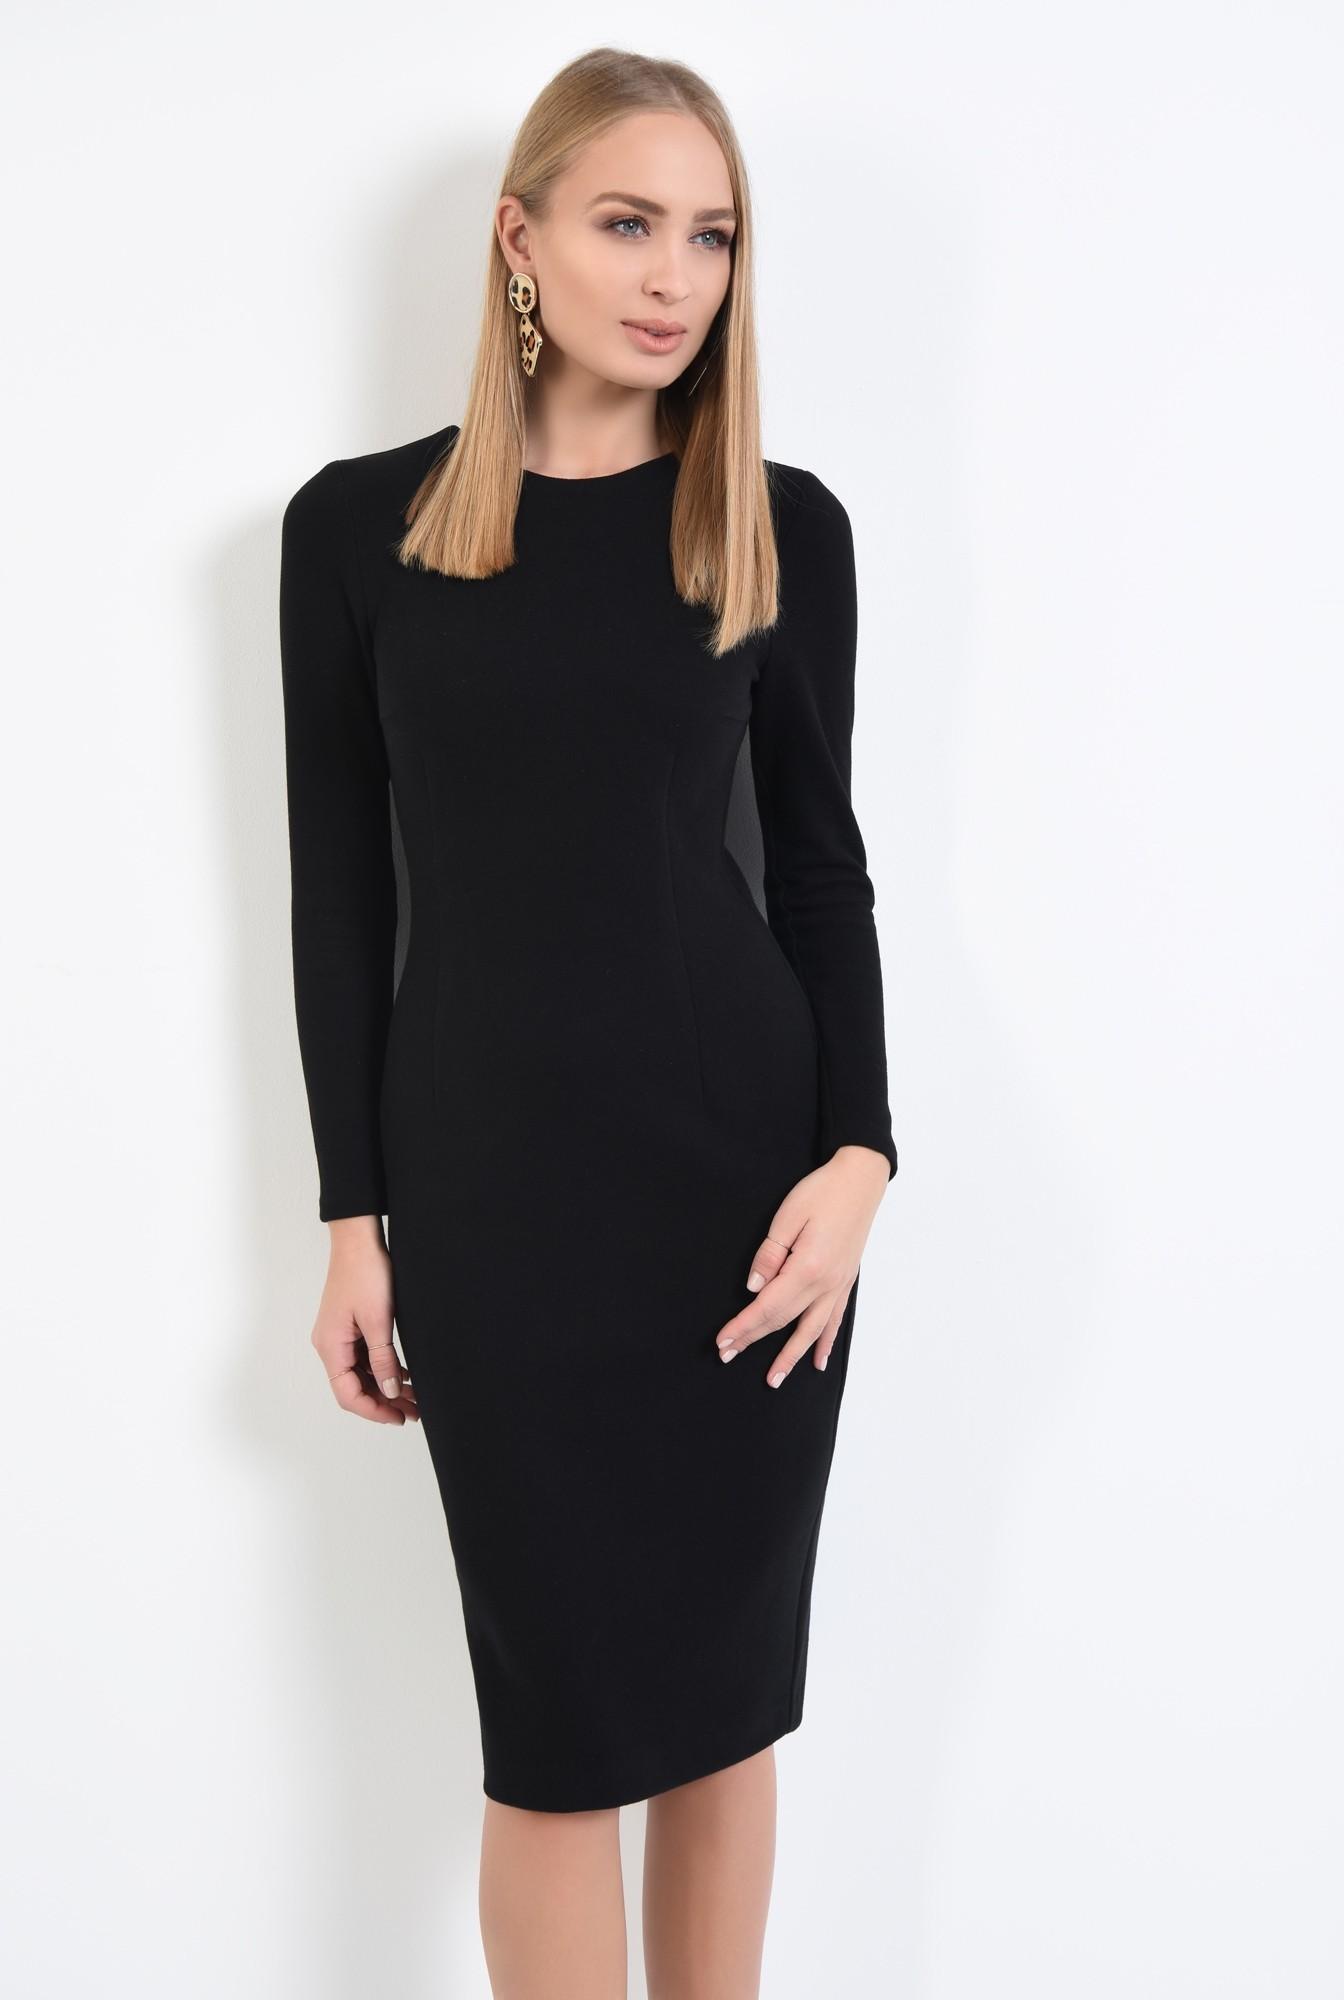 0 - 360 - rochie neagra, cambrata, casual, tricotata, rochii online